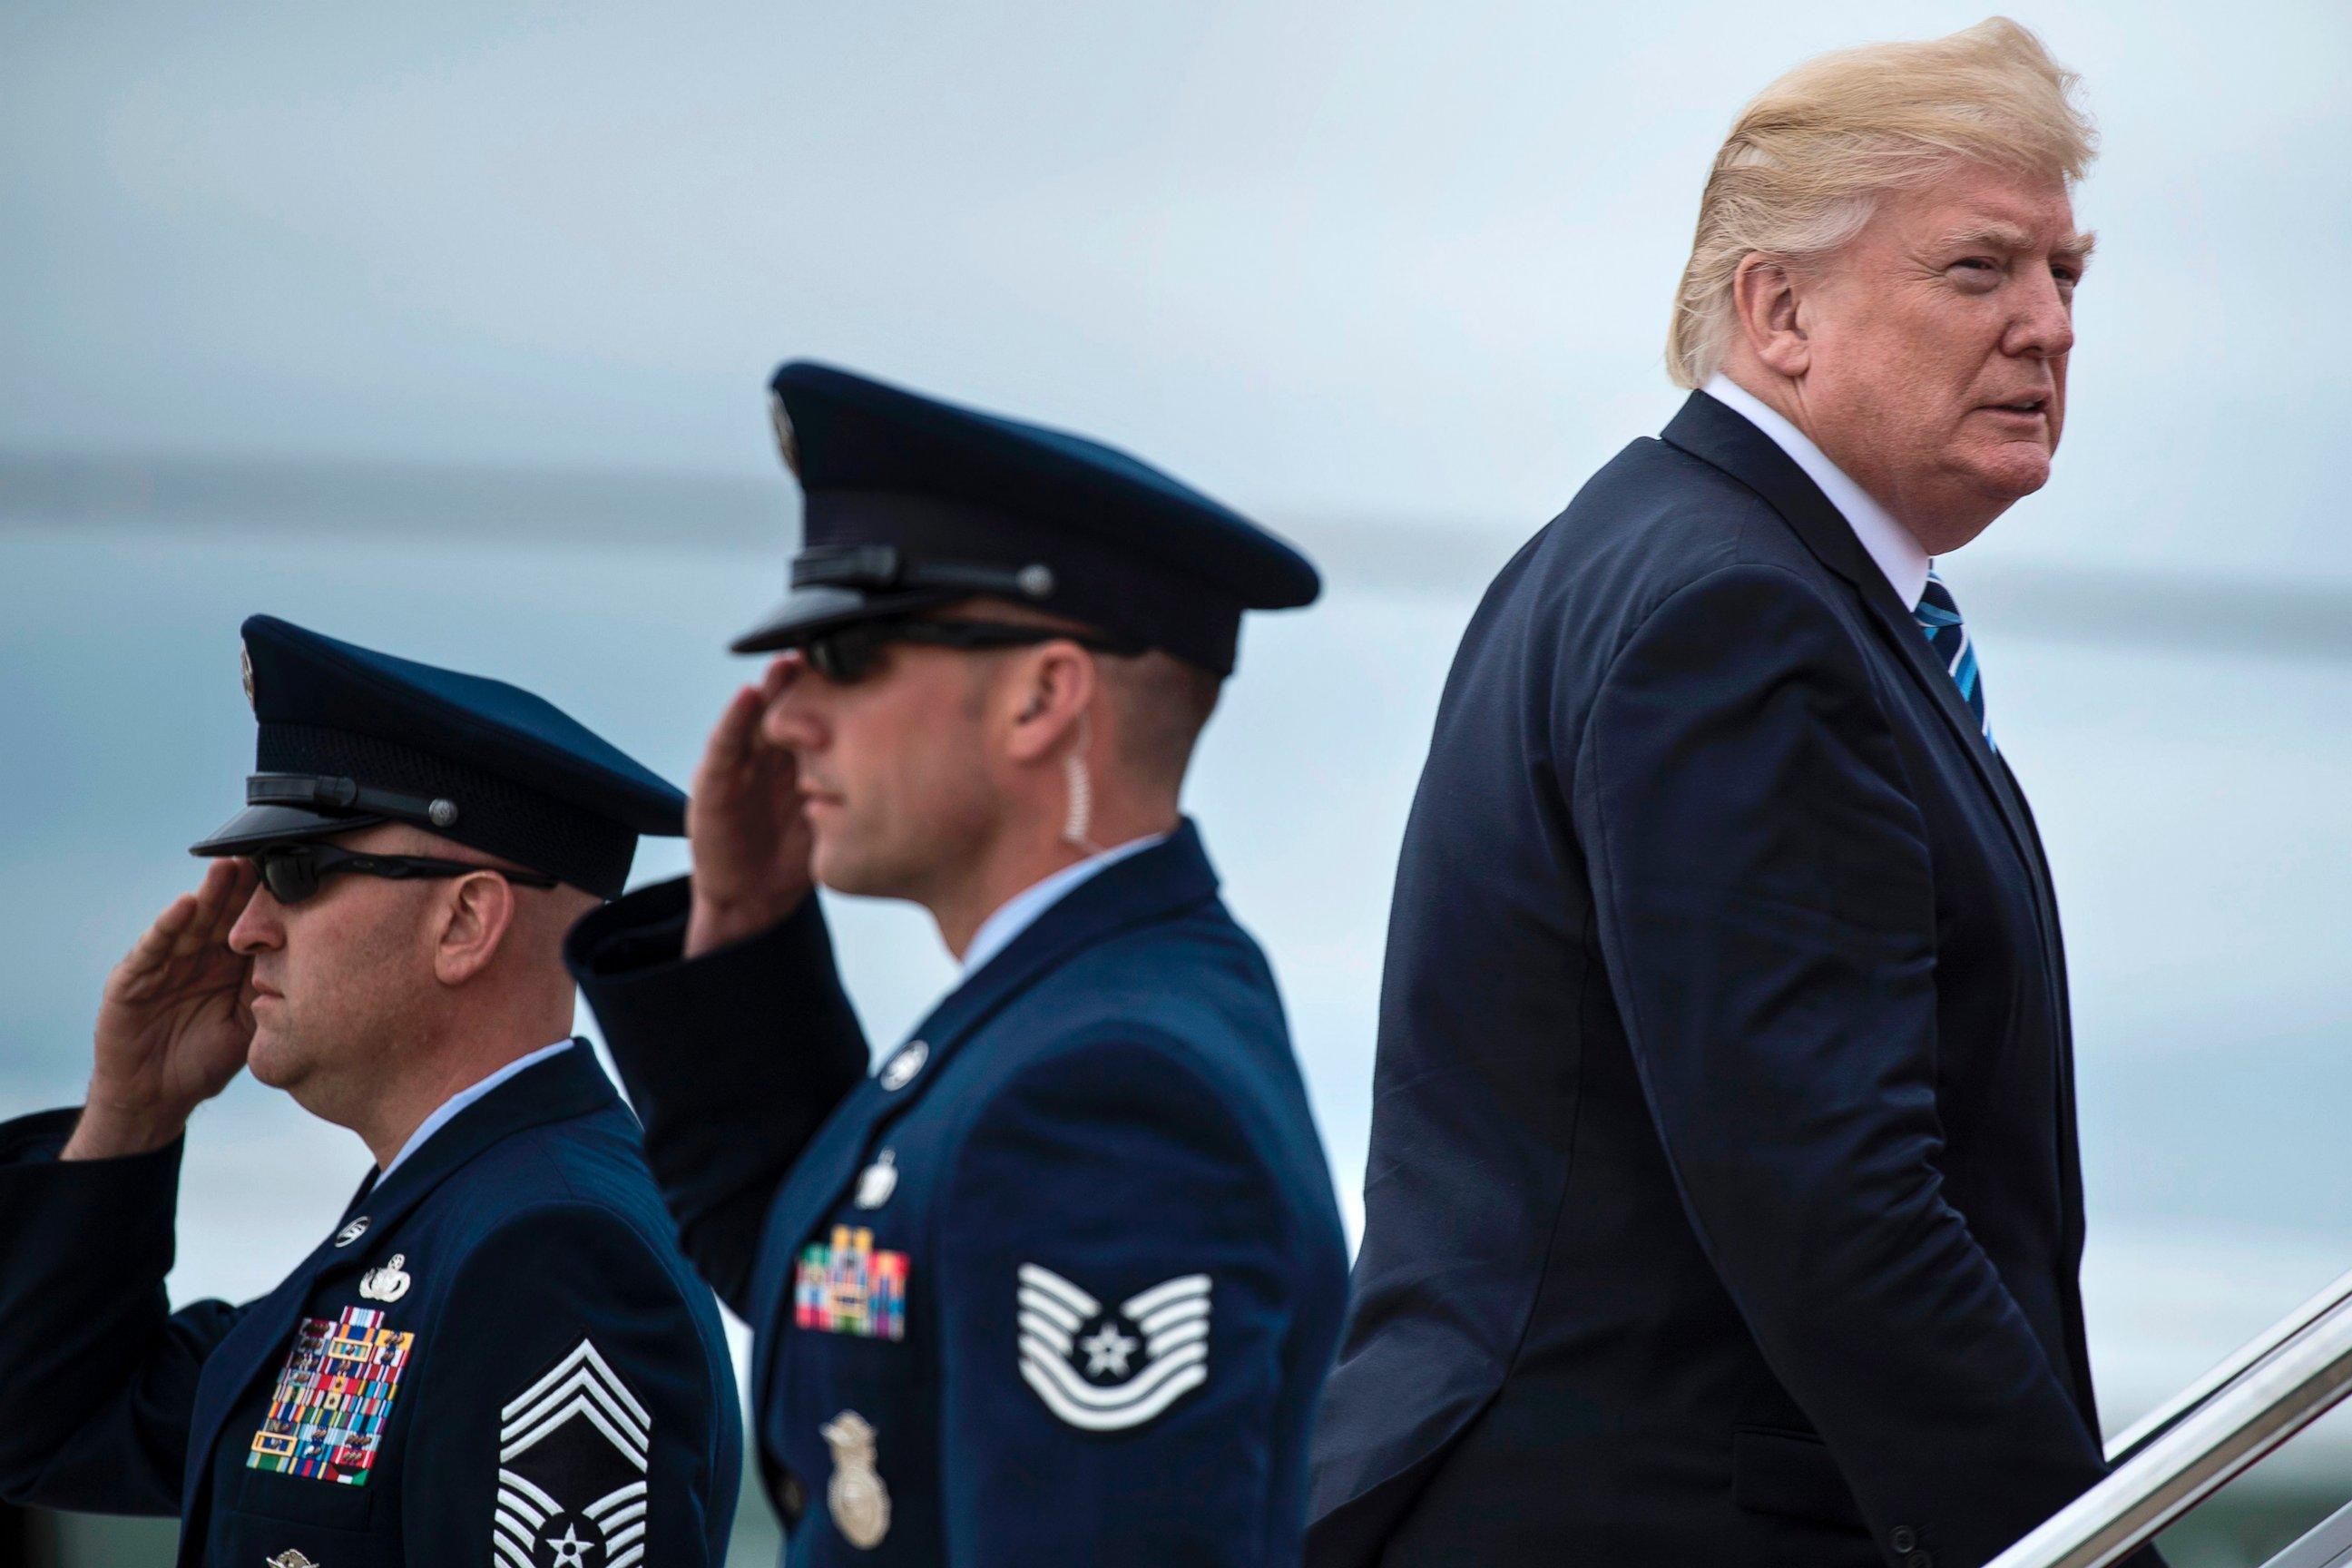 Fragilizado, Trump deixa os EUA para viagem perigosa